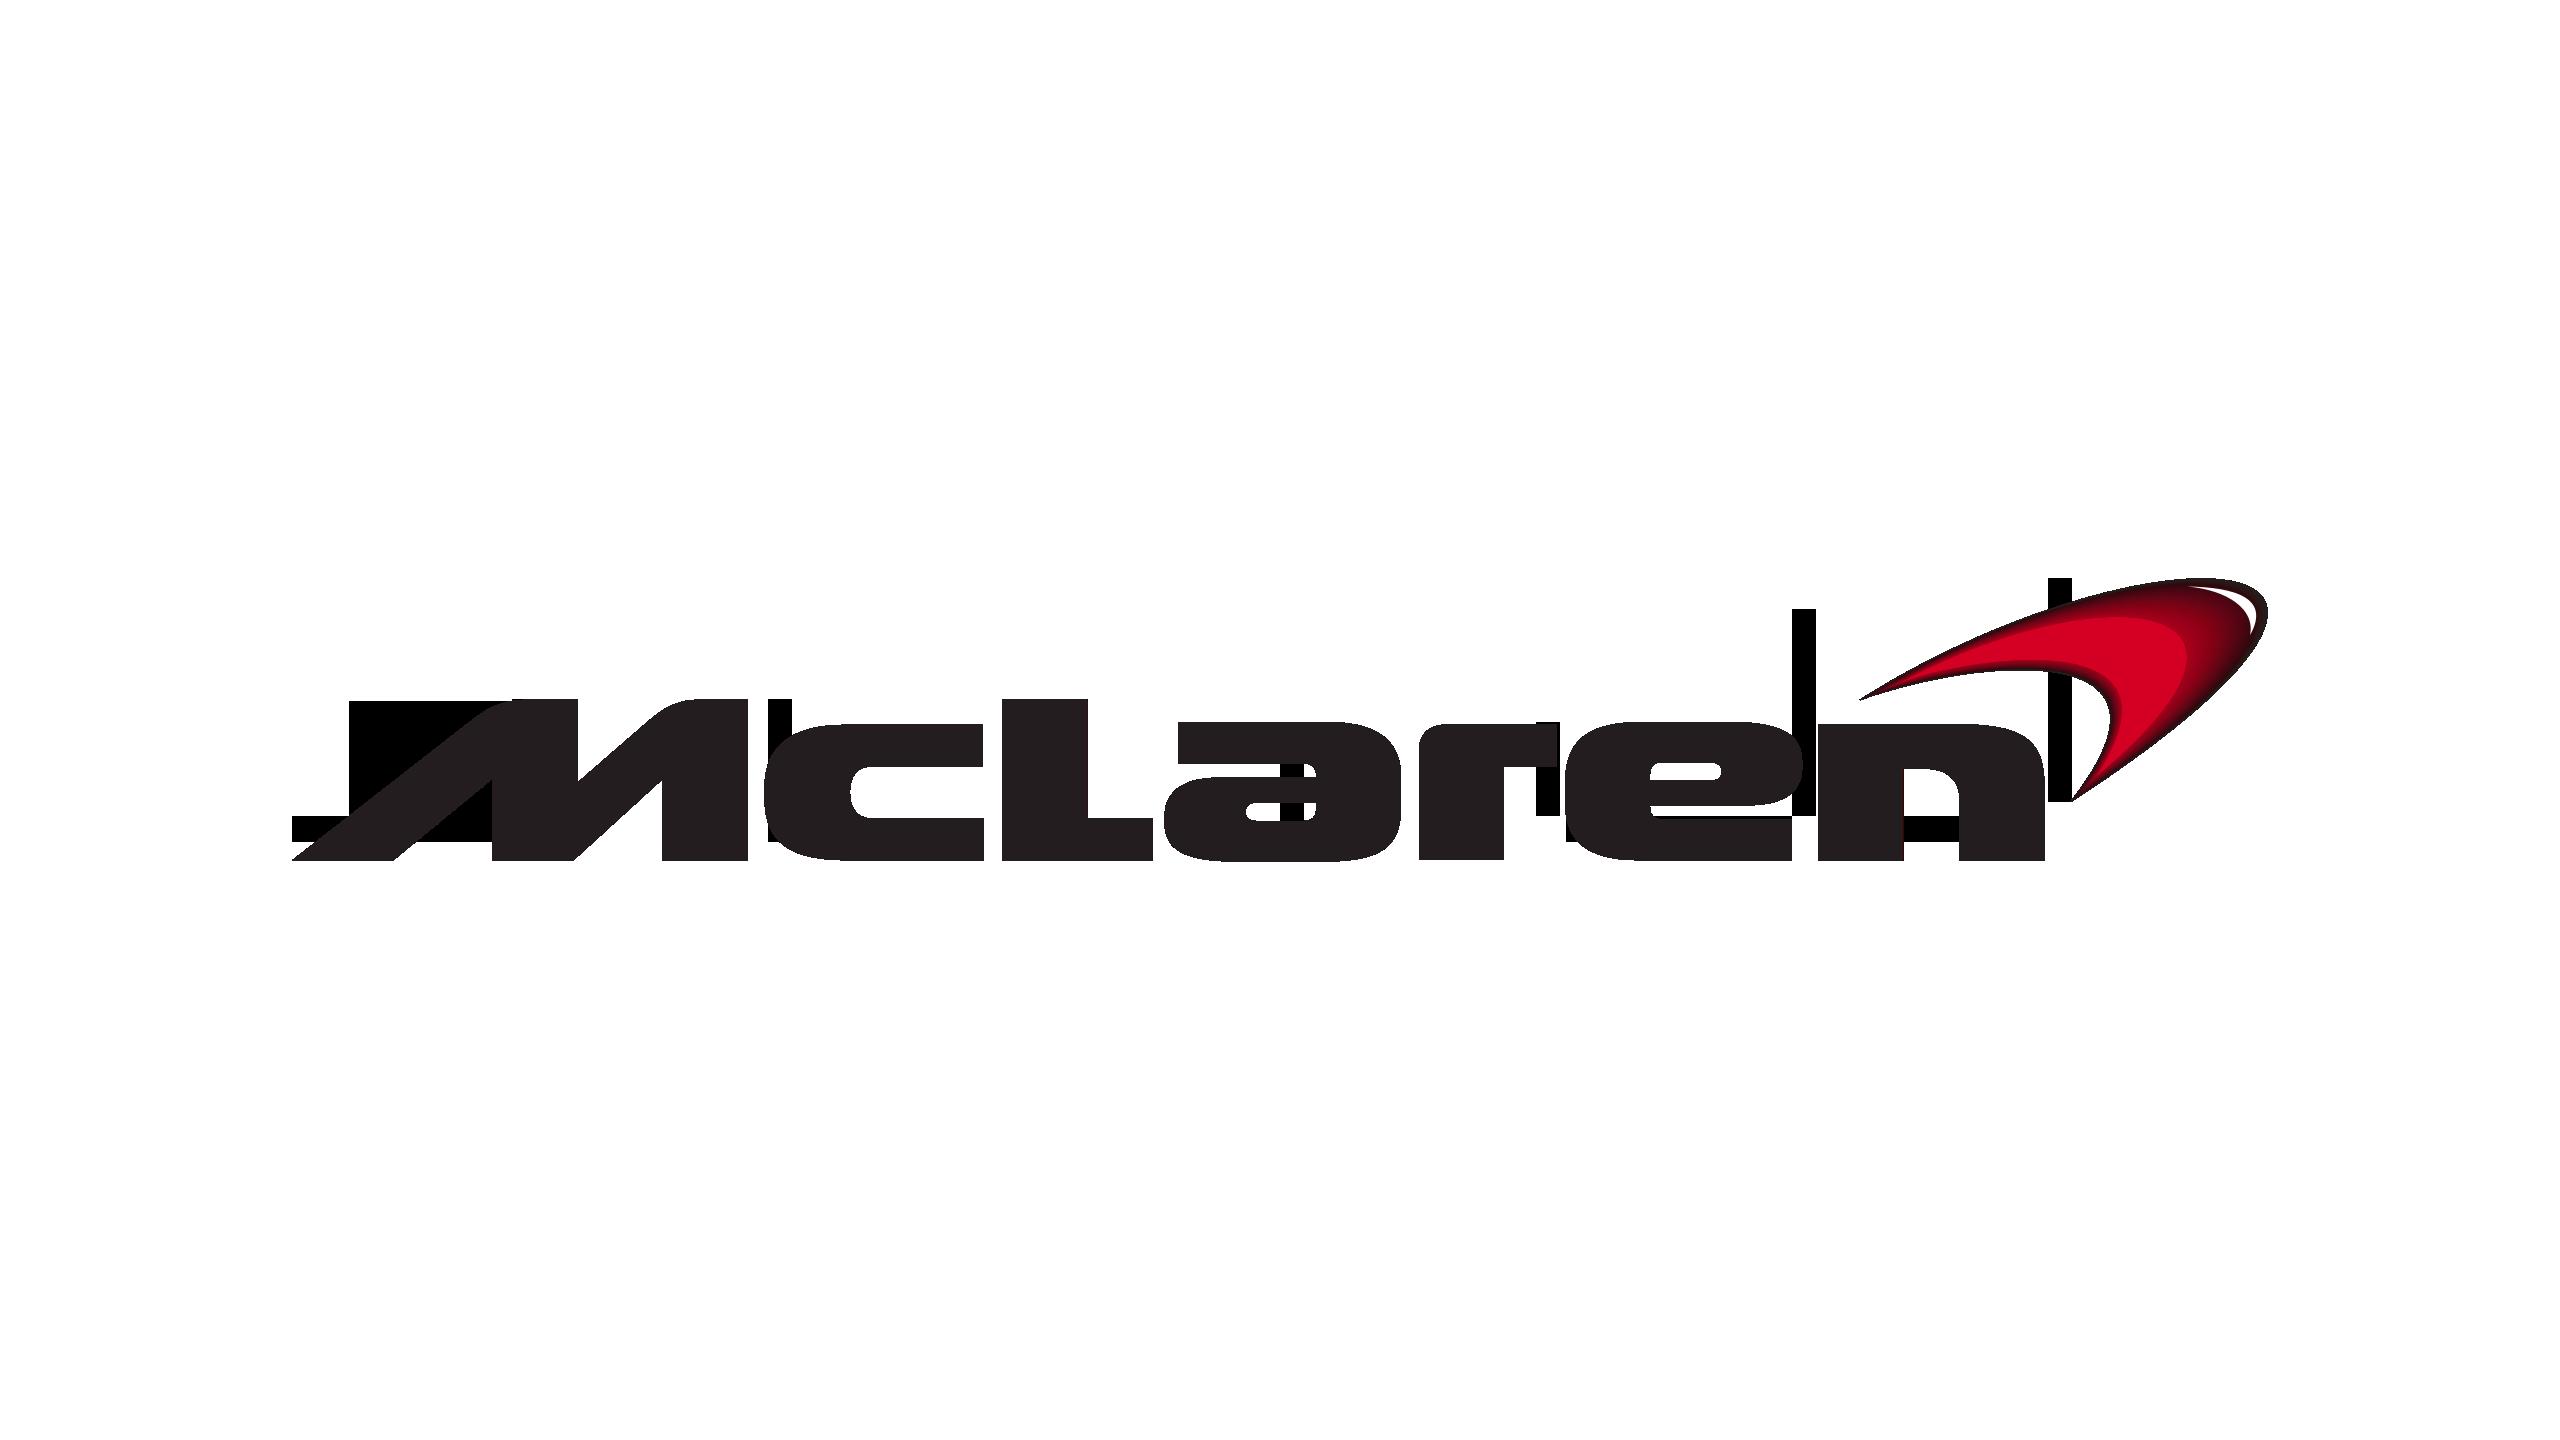 McLaren-logo-2002-2560x1440